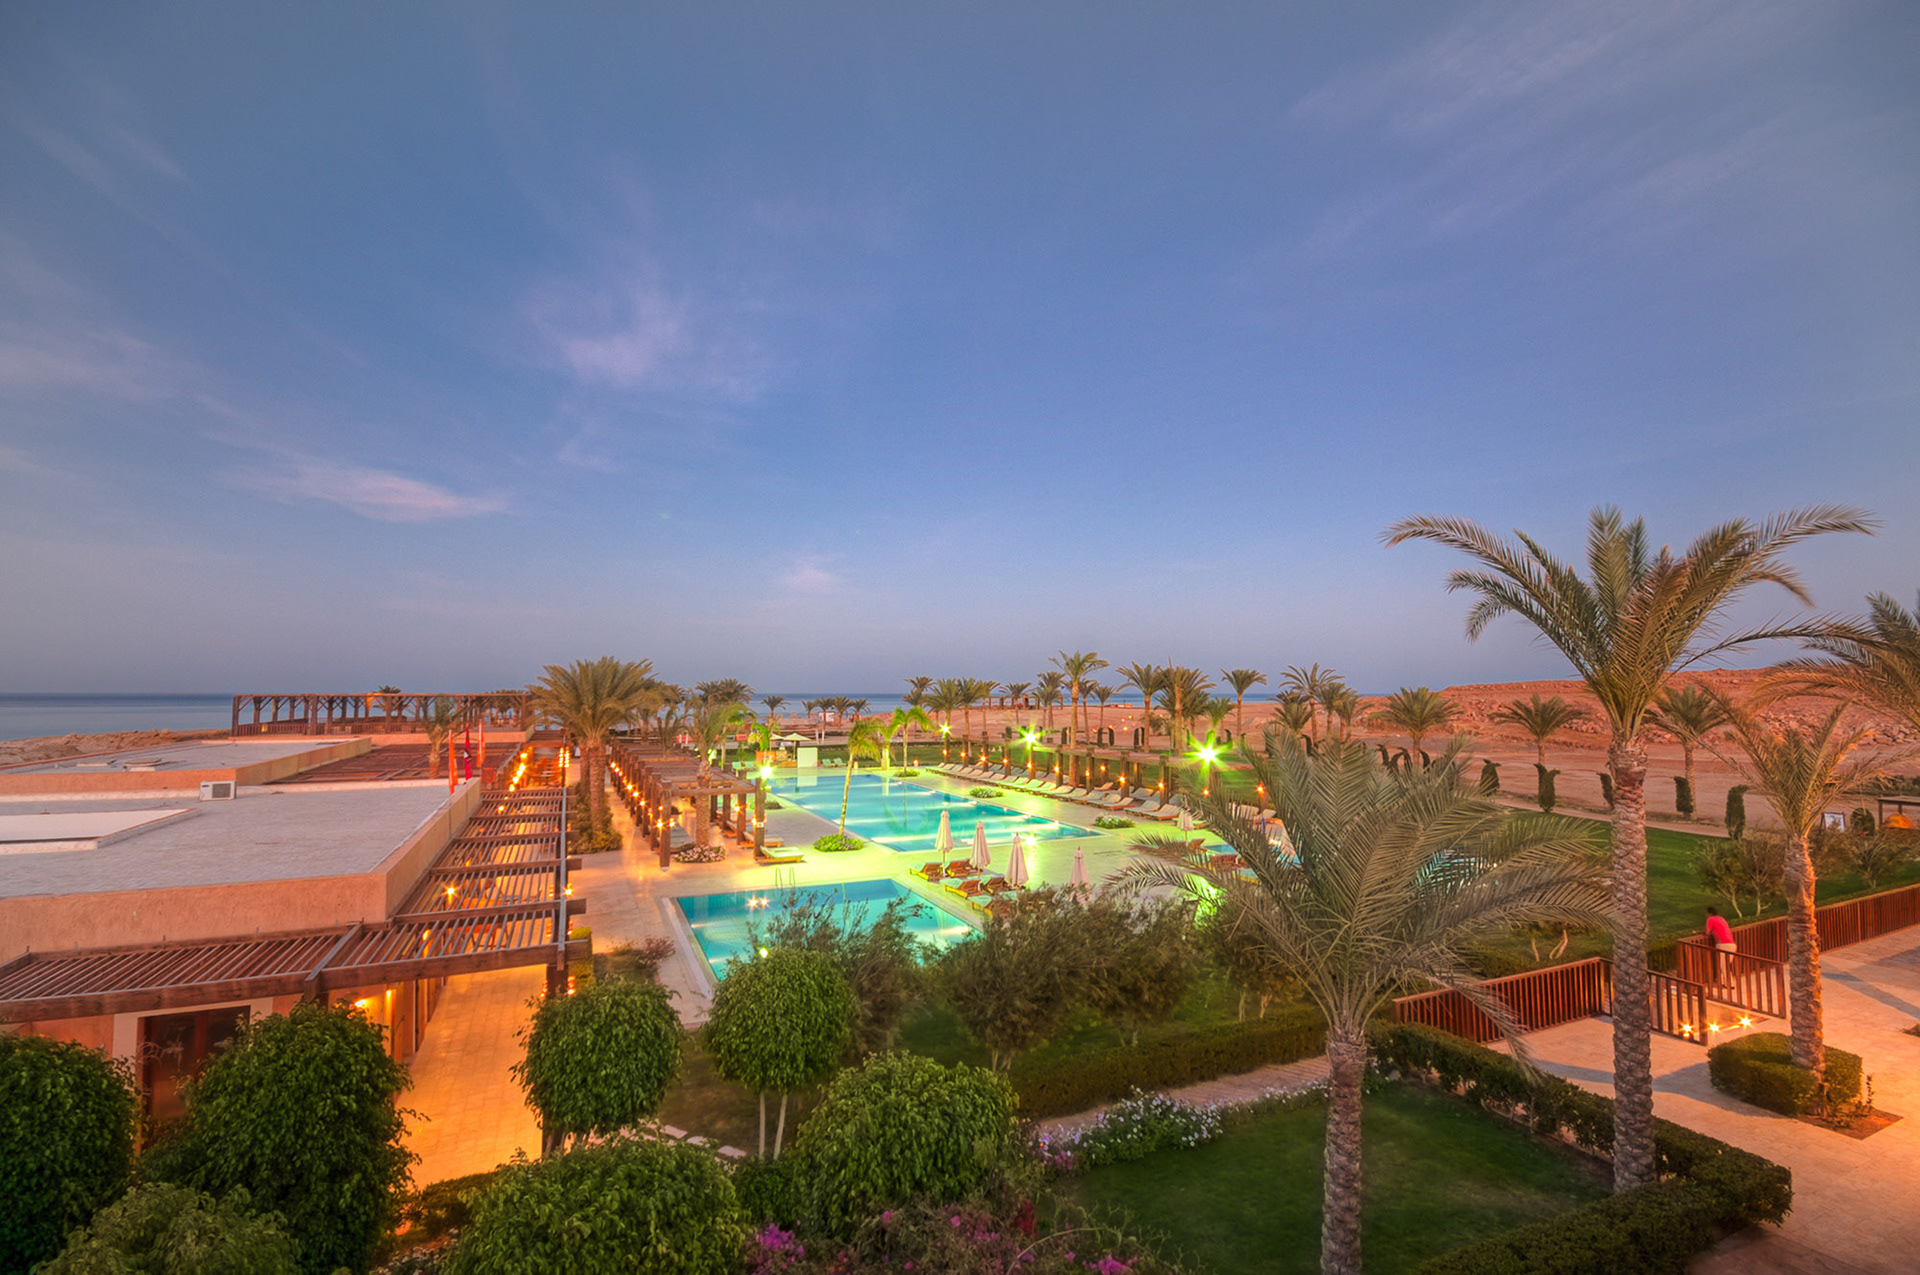 Hotel Gemma Resort Marsa Alam